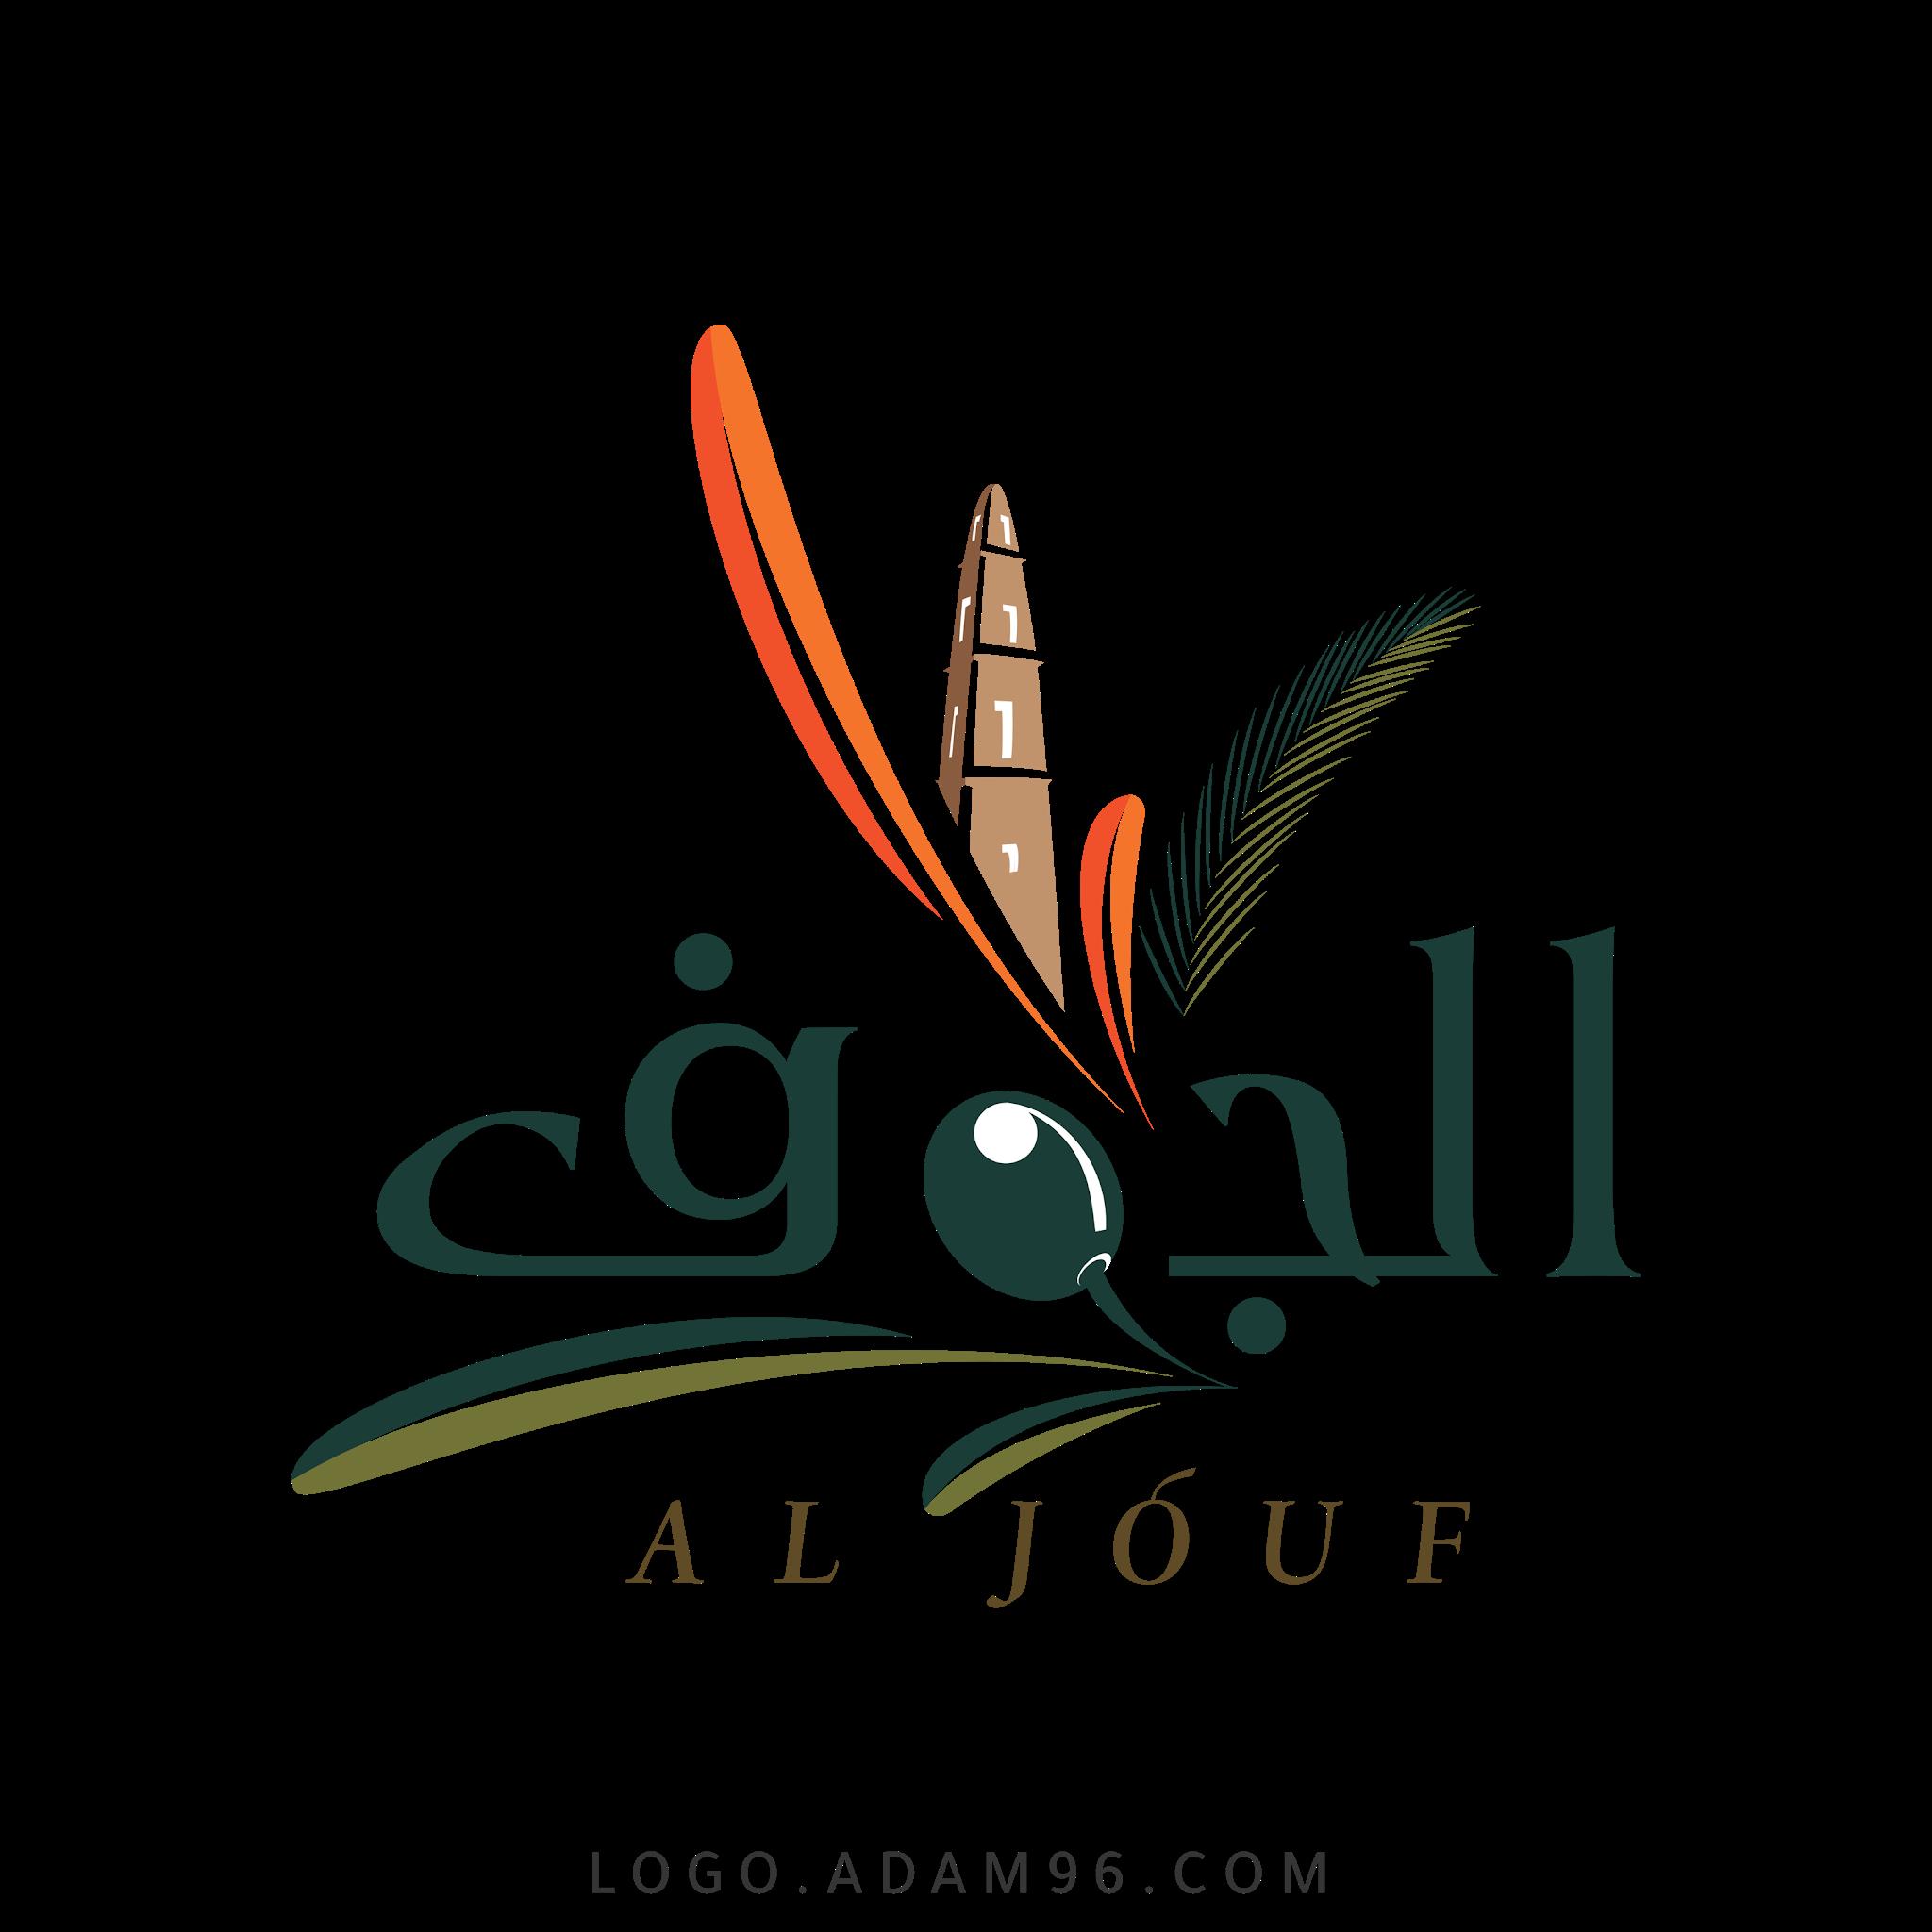 تحميل شعار منطقة الجوف لوجو رسمي عالي الجودة بصيغة PNG